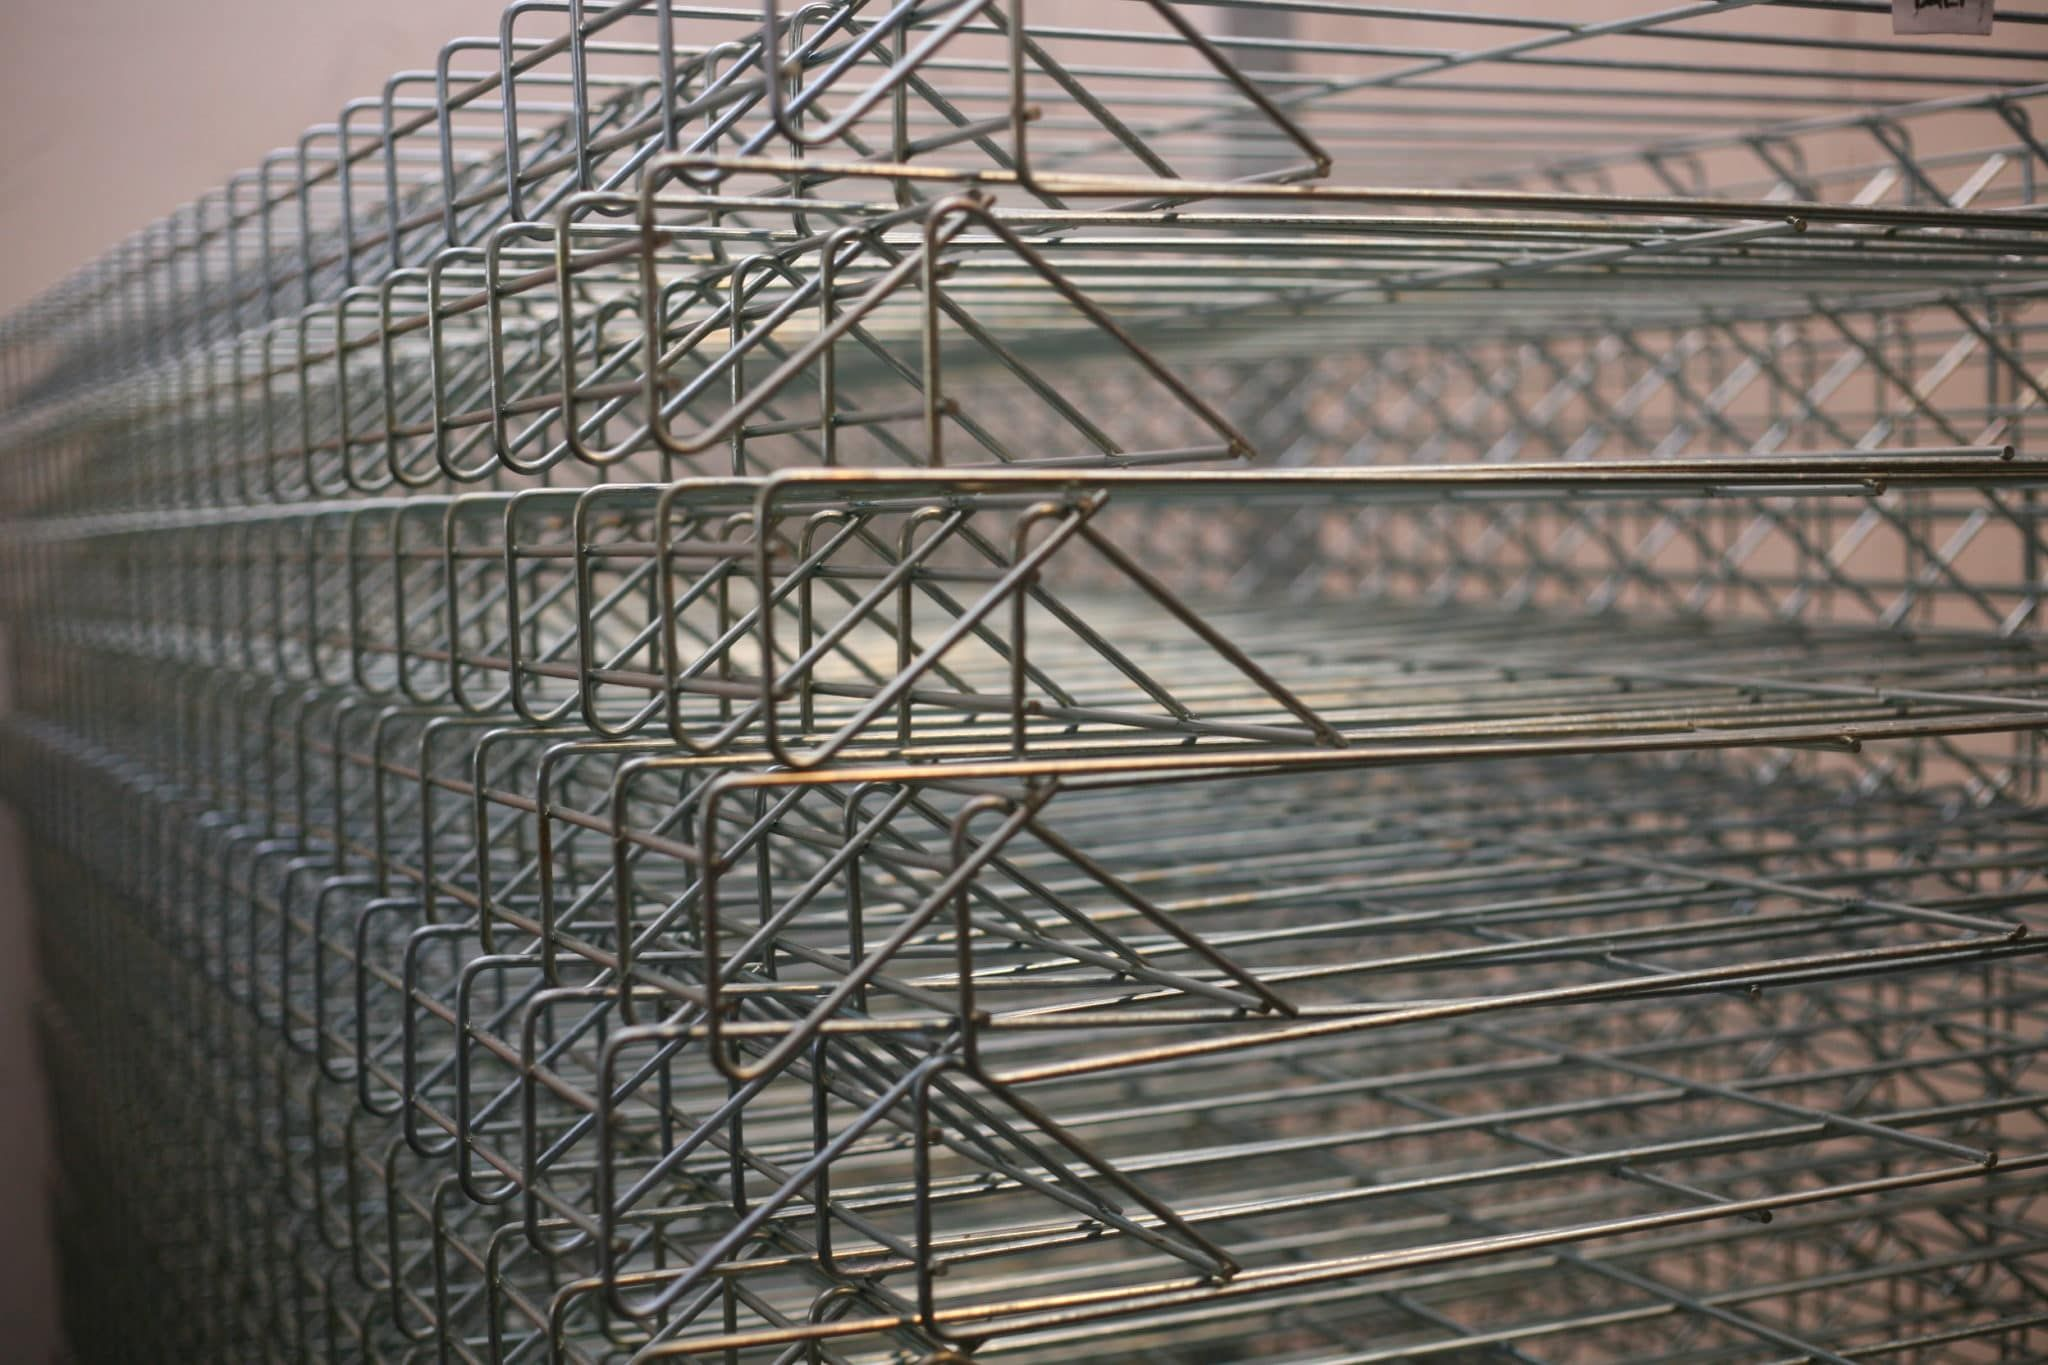 pabrik baja ringan terbesar di indonesia pagar bandara hotdip galvanis steel utility pole